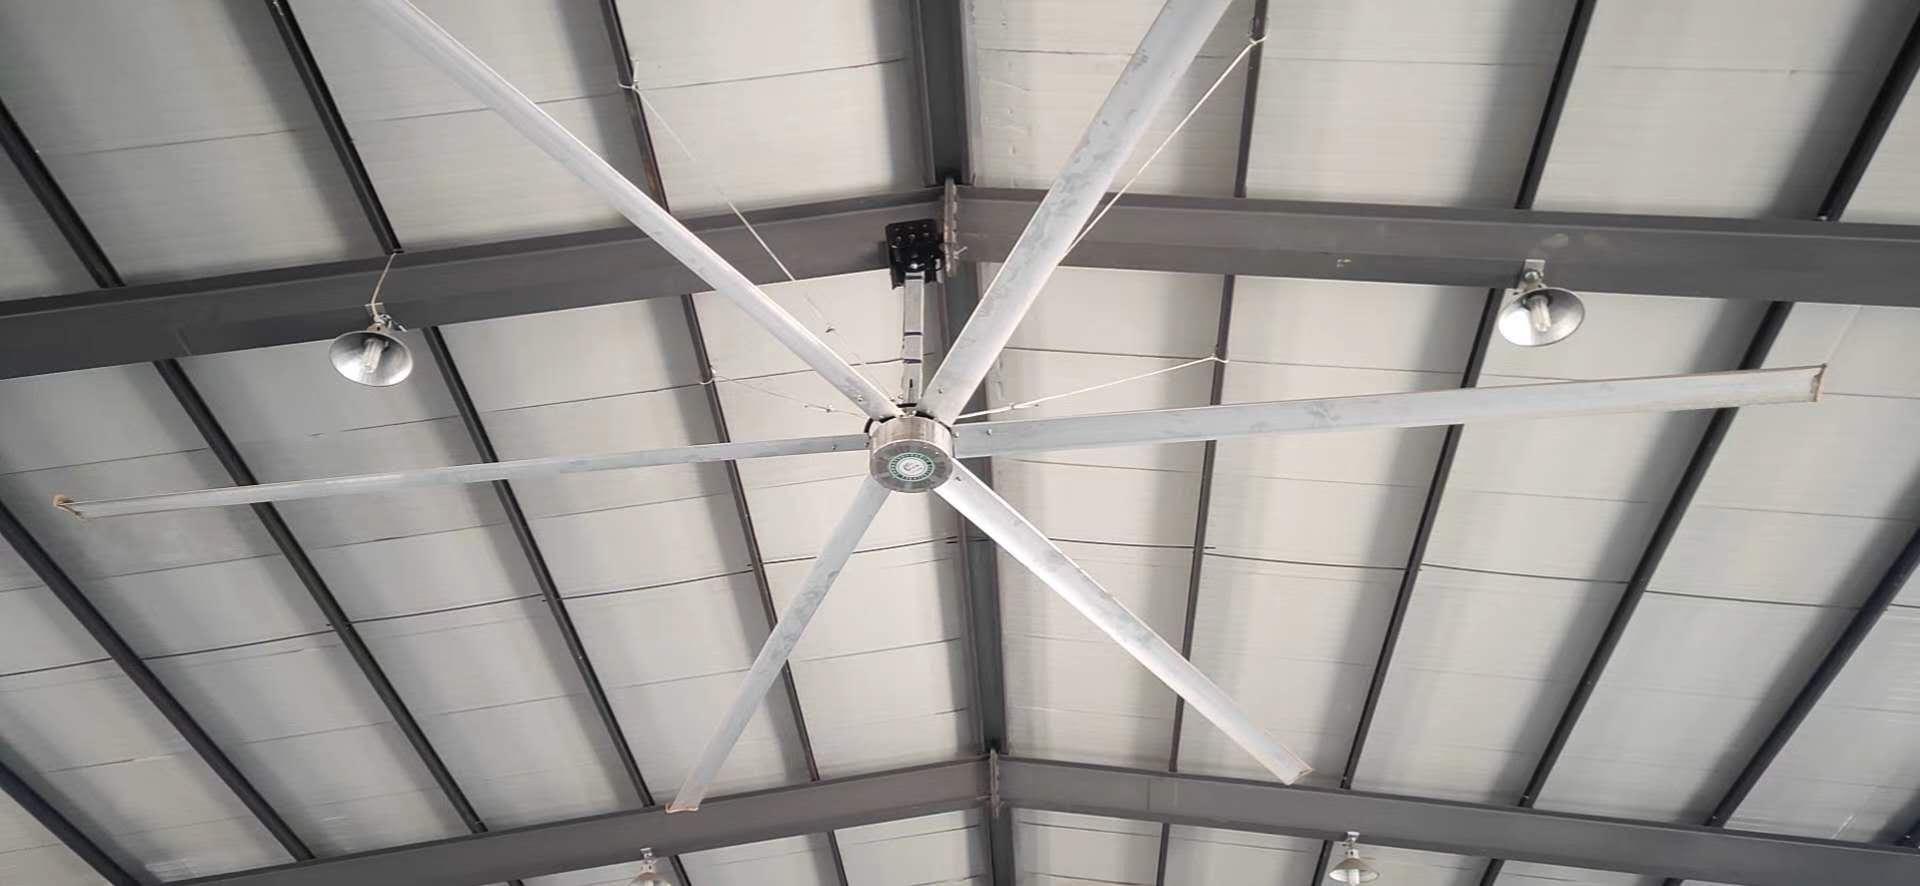 Industrial HVLS Fan